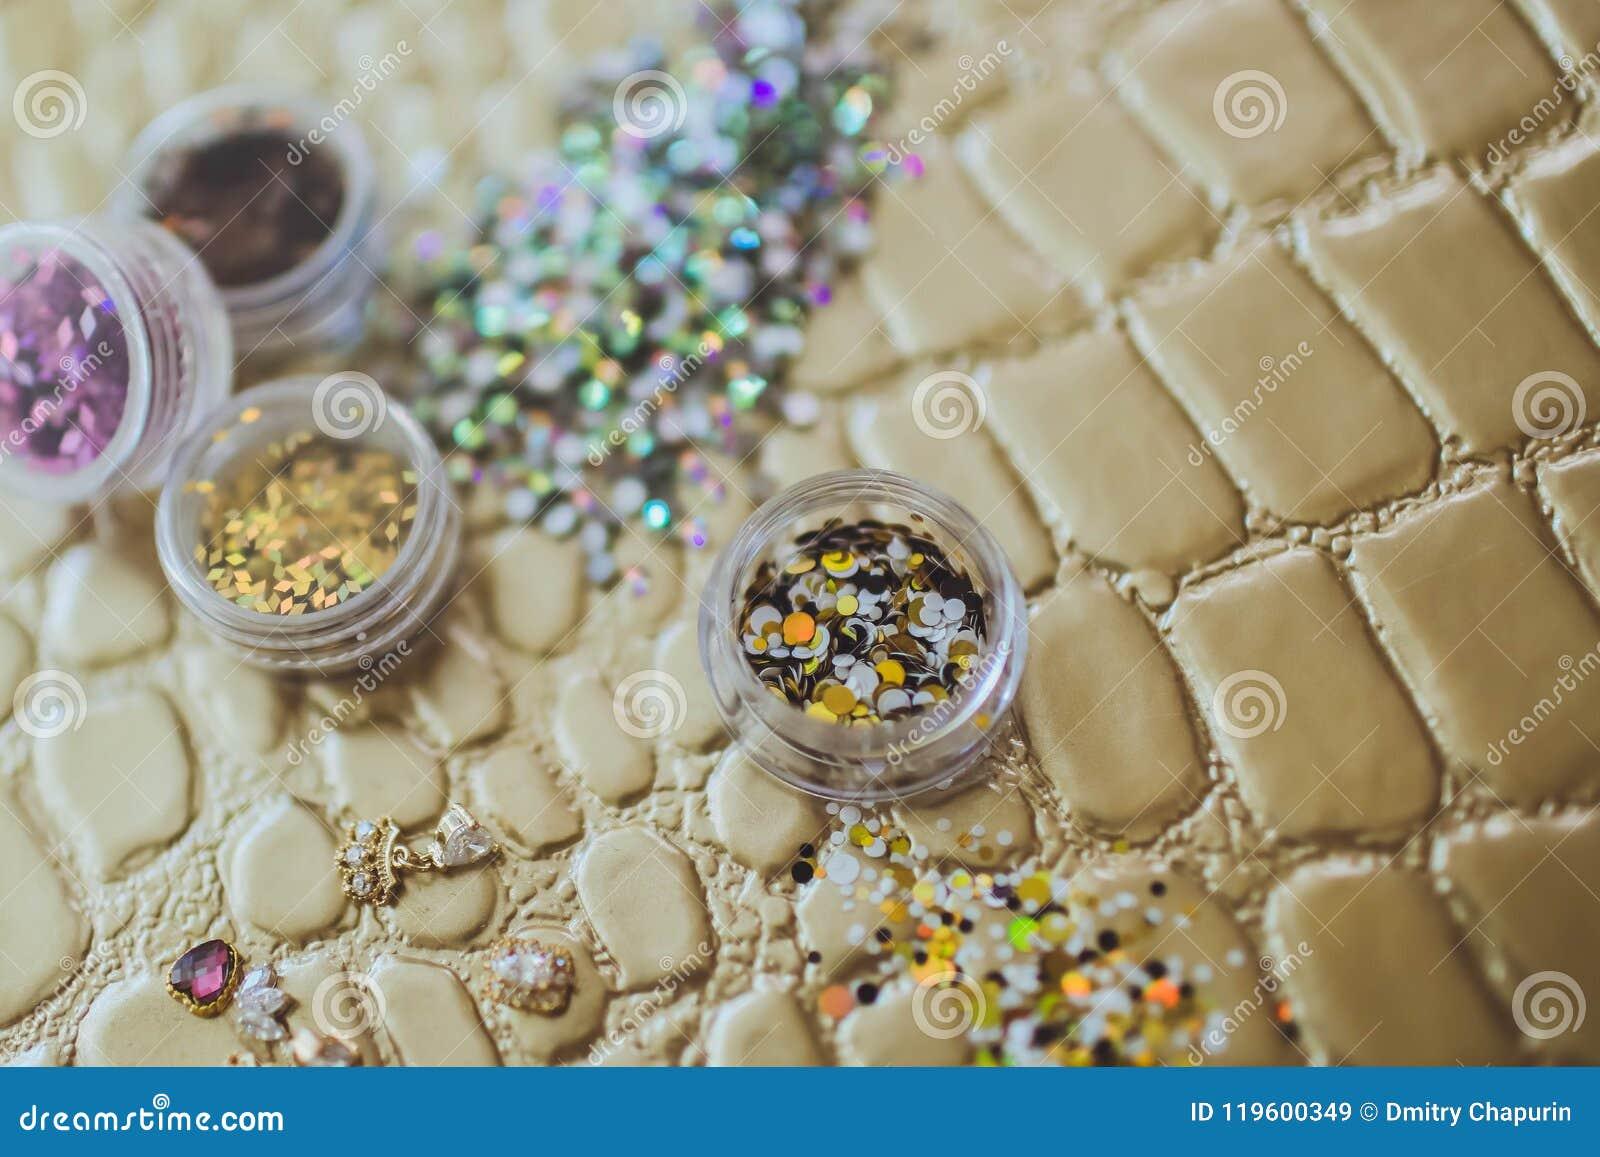 Bergkristallen voor de decoratie van spijkers